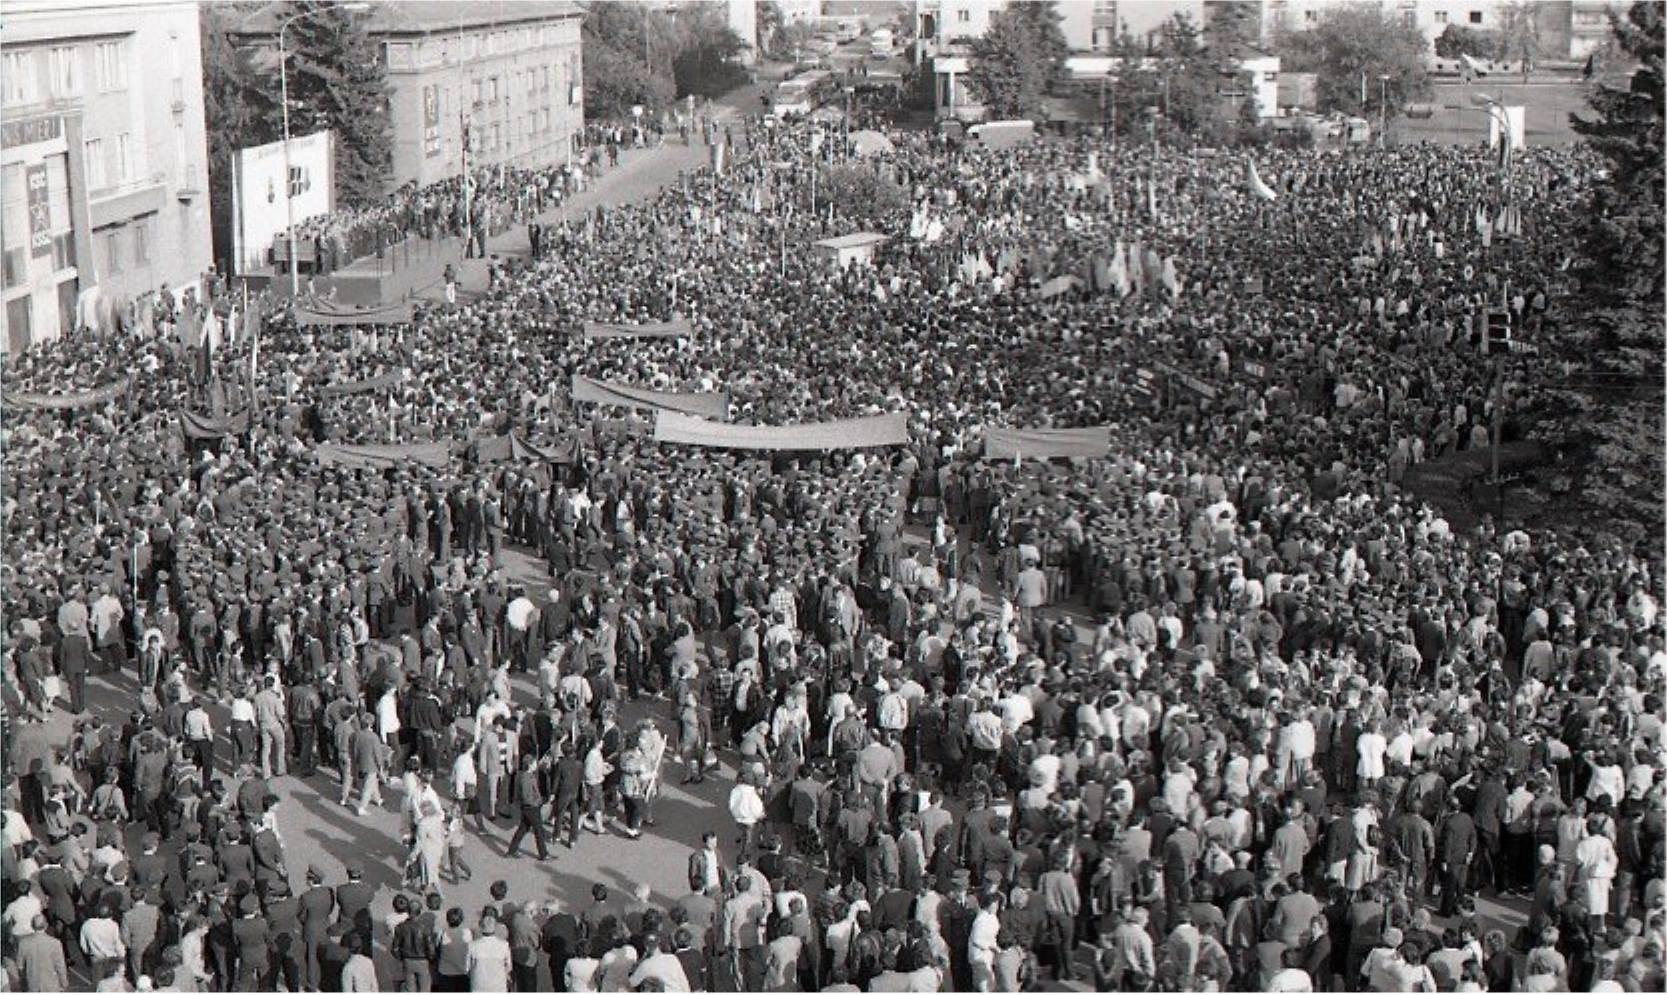 1986 - Celkový pohľad na účastníkov celoštátneho manifestačnéhozhromaždenia na Námestí SNP v Martine